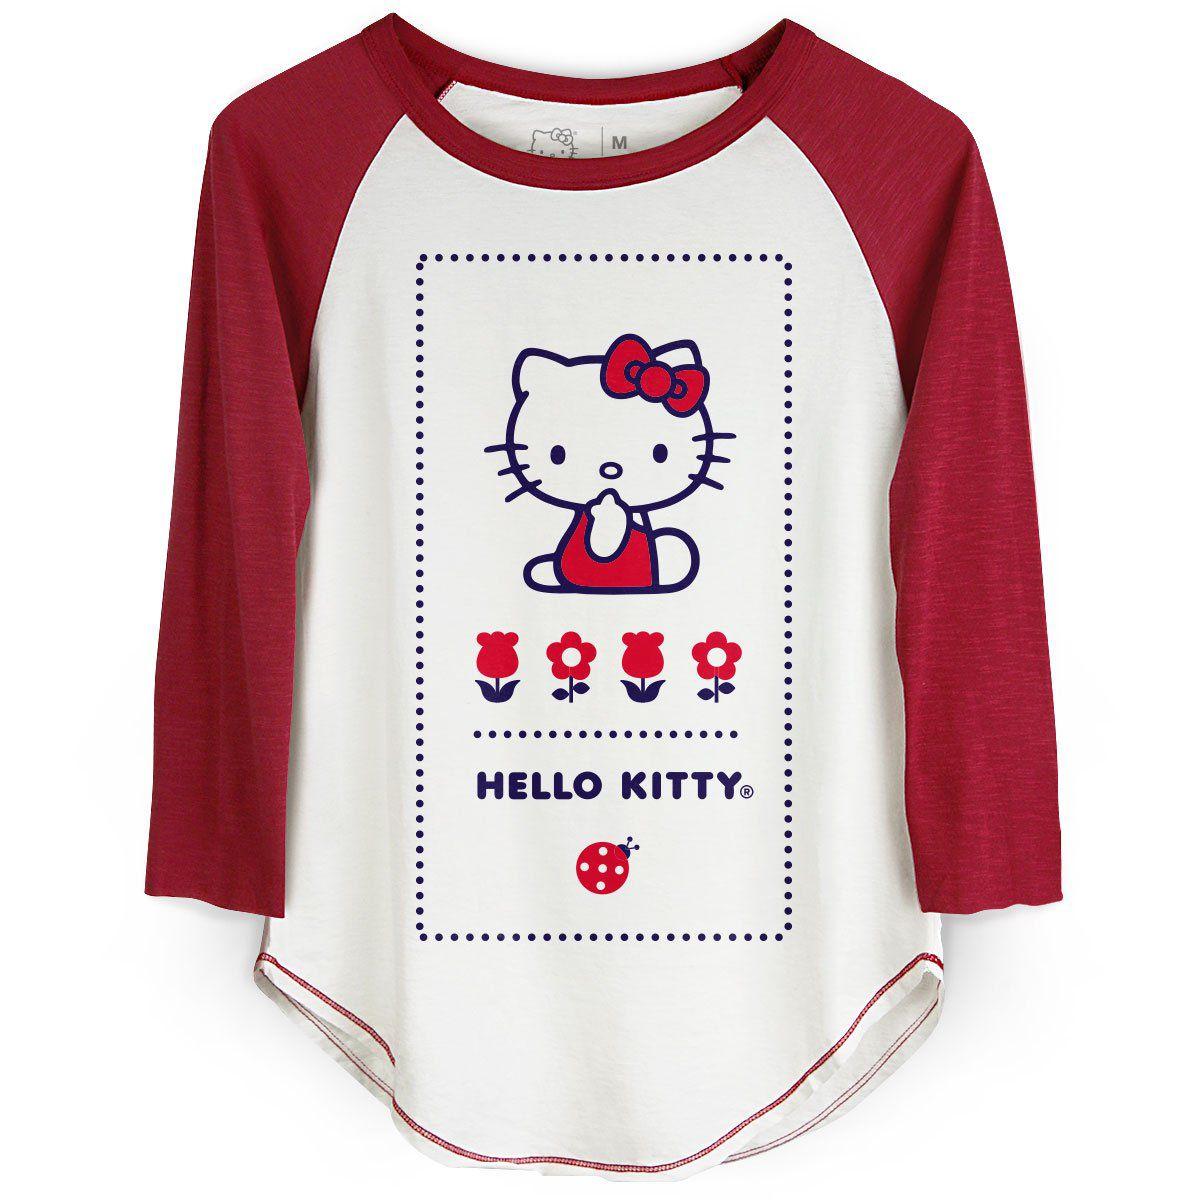 Camiseta Manga Longa Feminina Hello Kitty Ladybug  - bandUP Store Marketplace